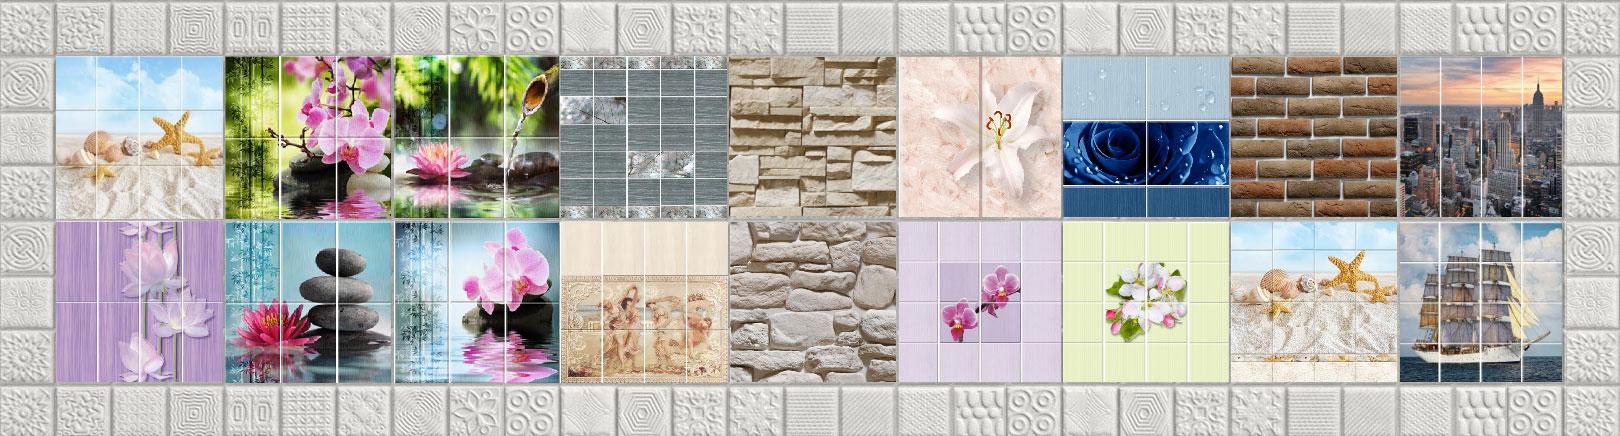 СтройМатериал - фасадные панели, сайдинг, панели ПВХ